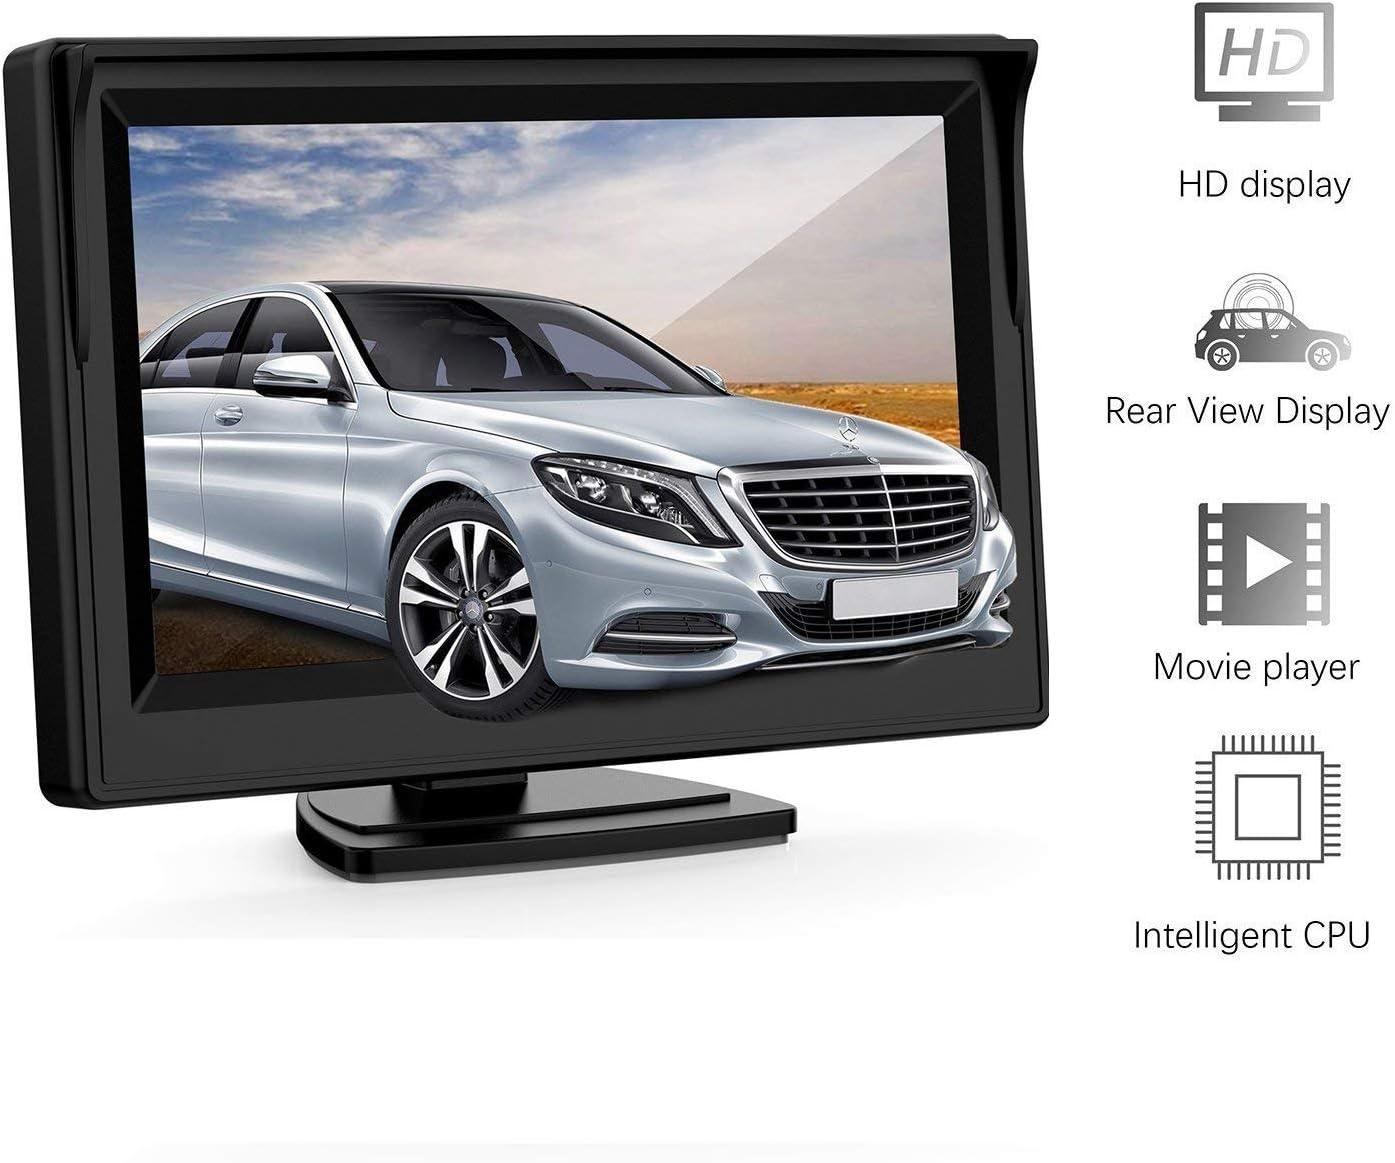 kit /écran LCD 5,0 pour Renault Trafic Opel Vivaro Nissan Primastar Fiat Talento 2014-2019 cam/éra de recul arri/ère Cam/éra de recul HD 3/ème feu de freinage